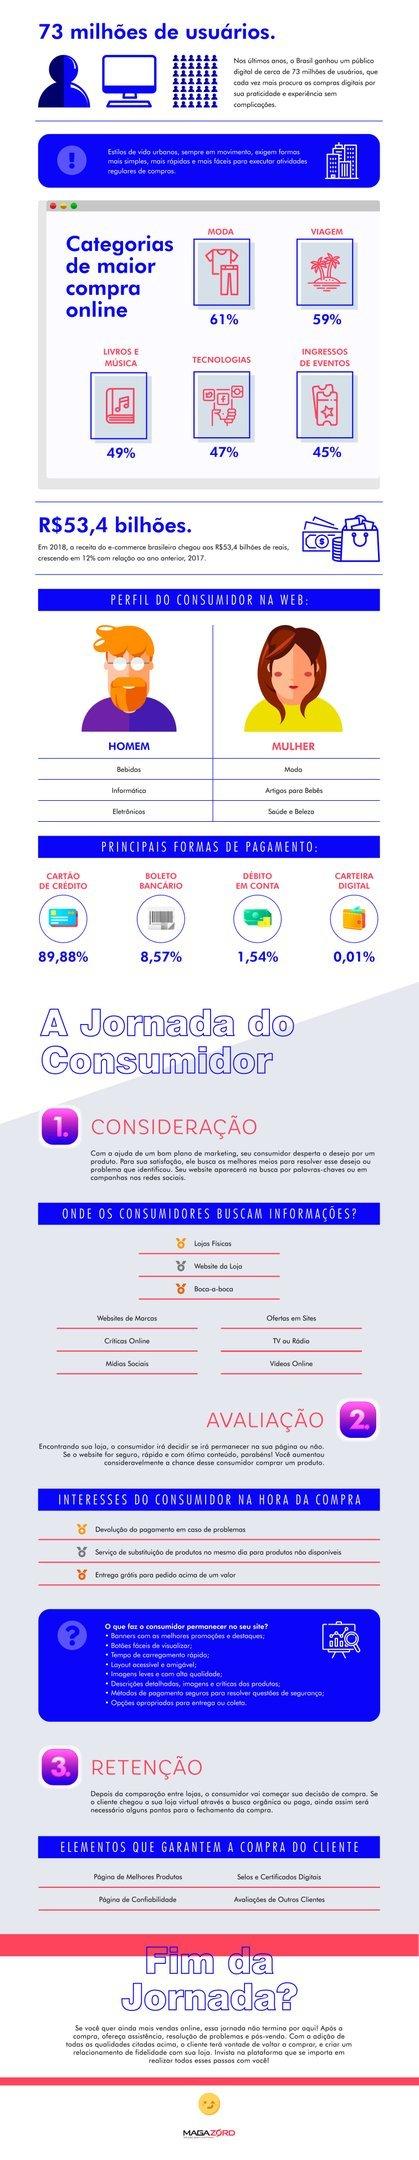 Infográfico sobre a jornada do cliente